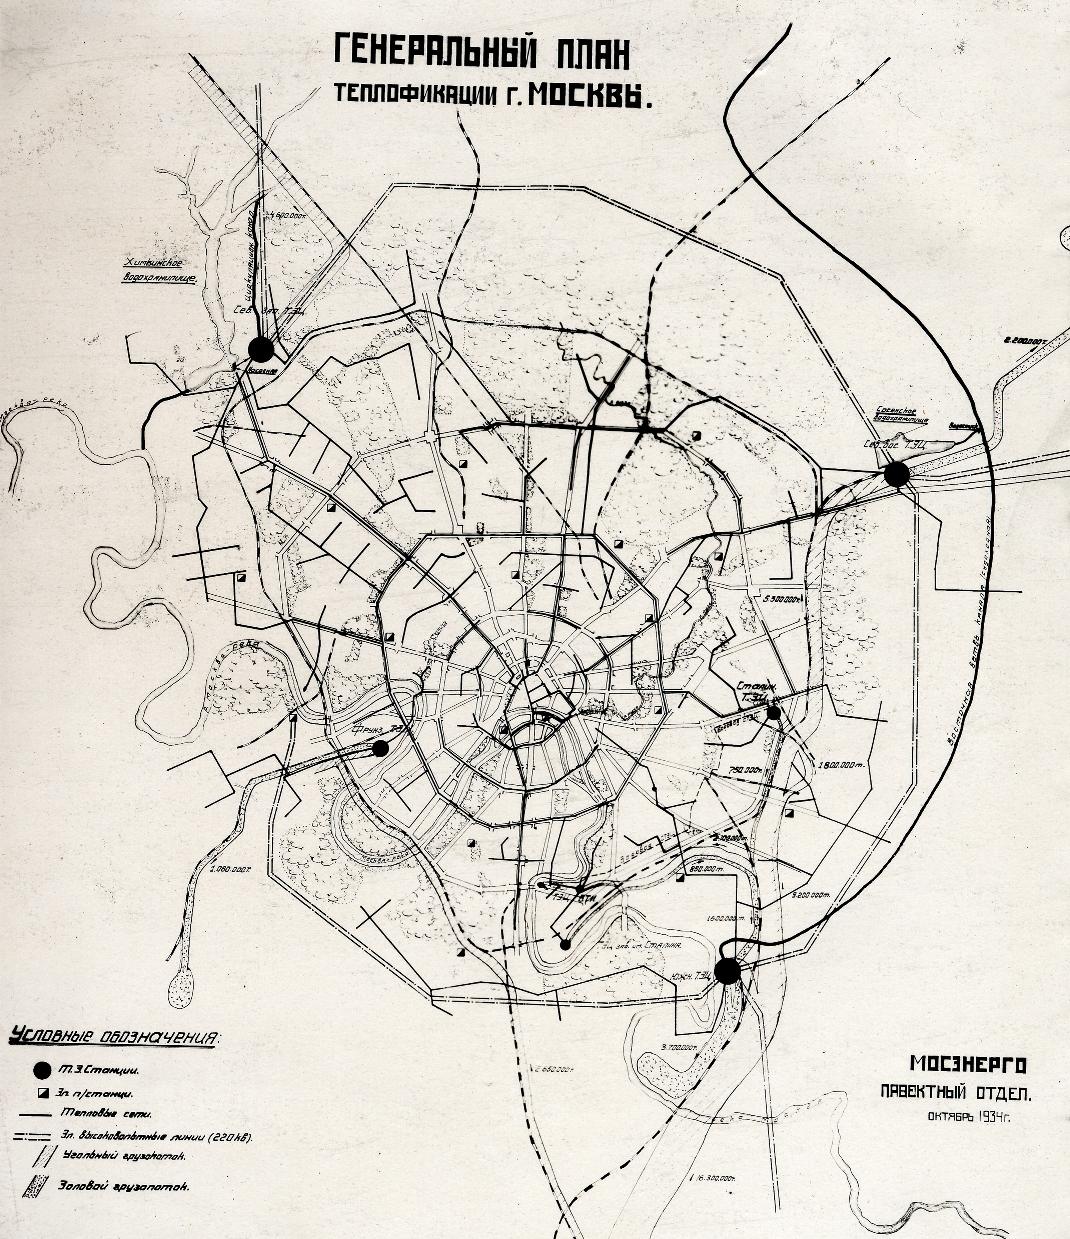 схема теплоснабжения города томска